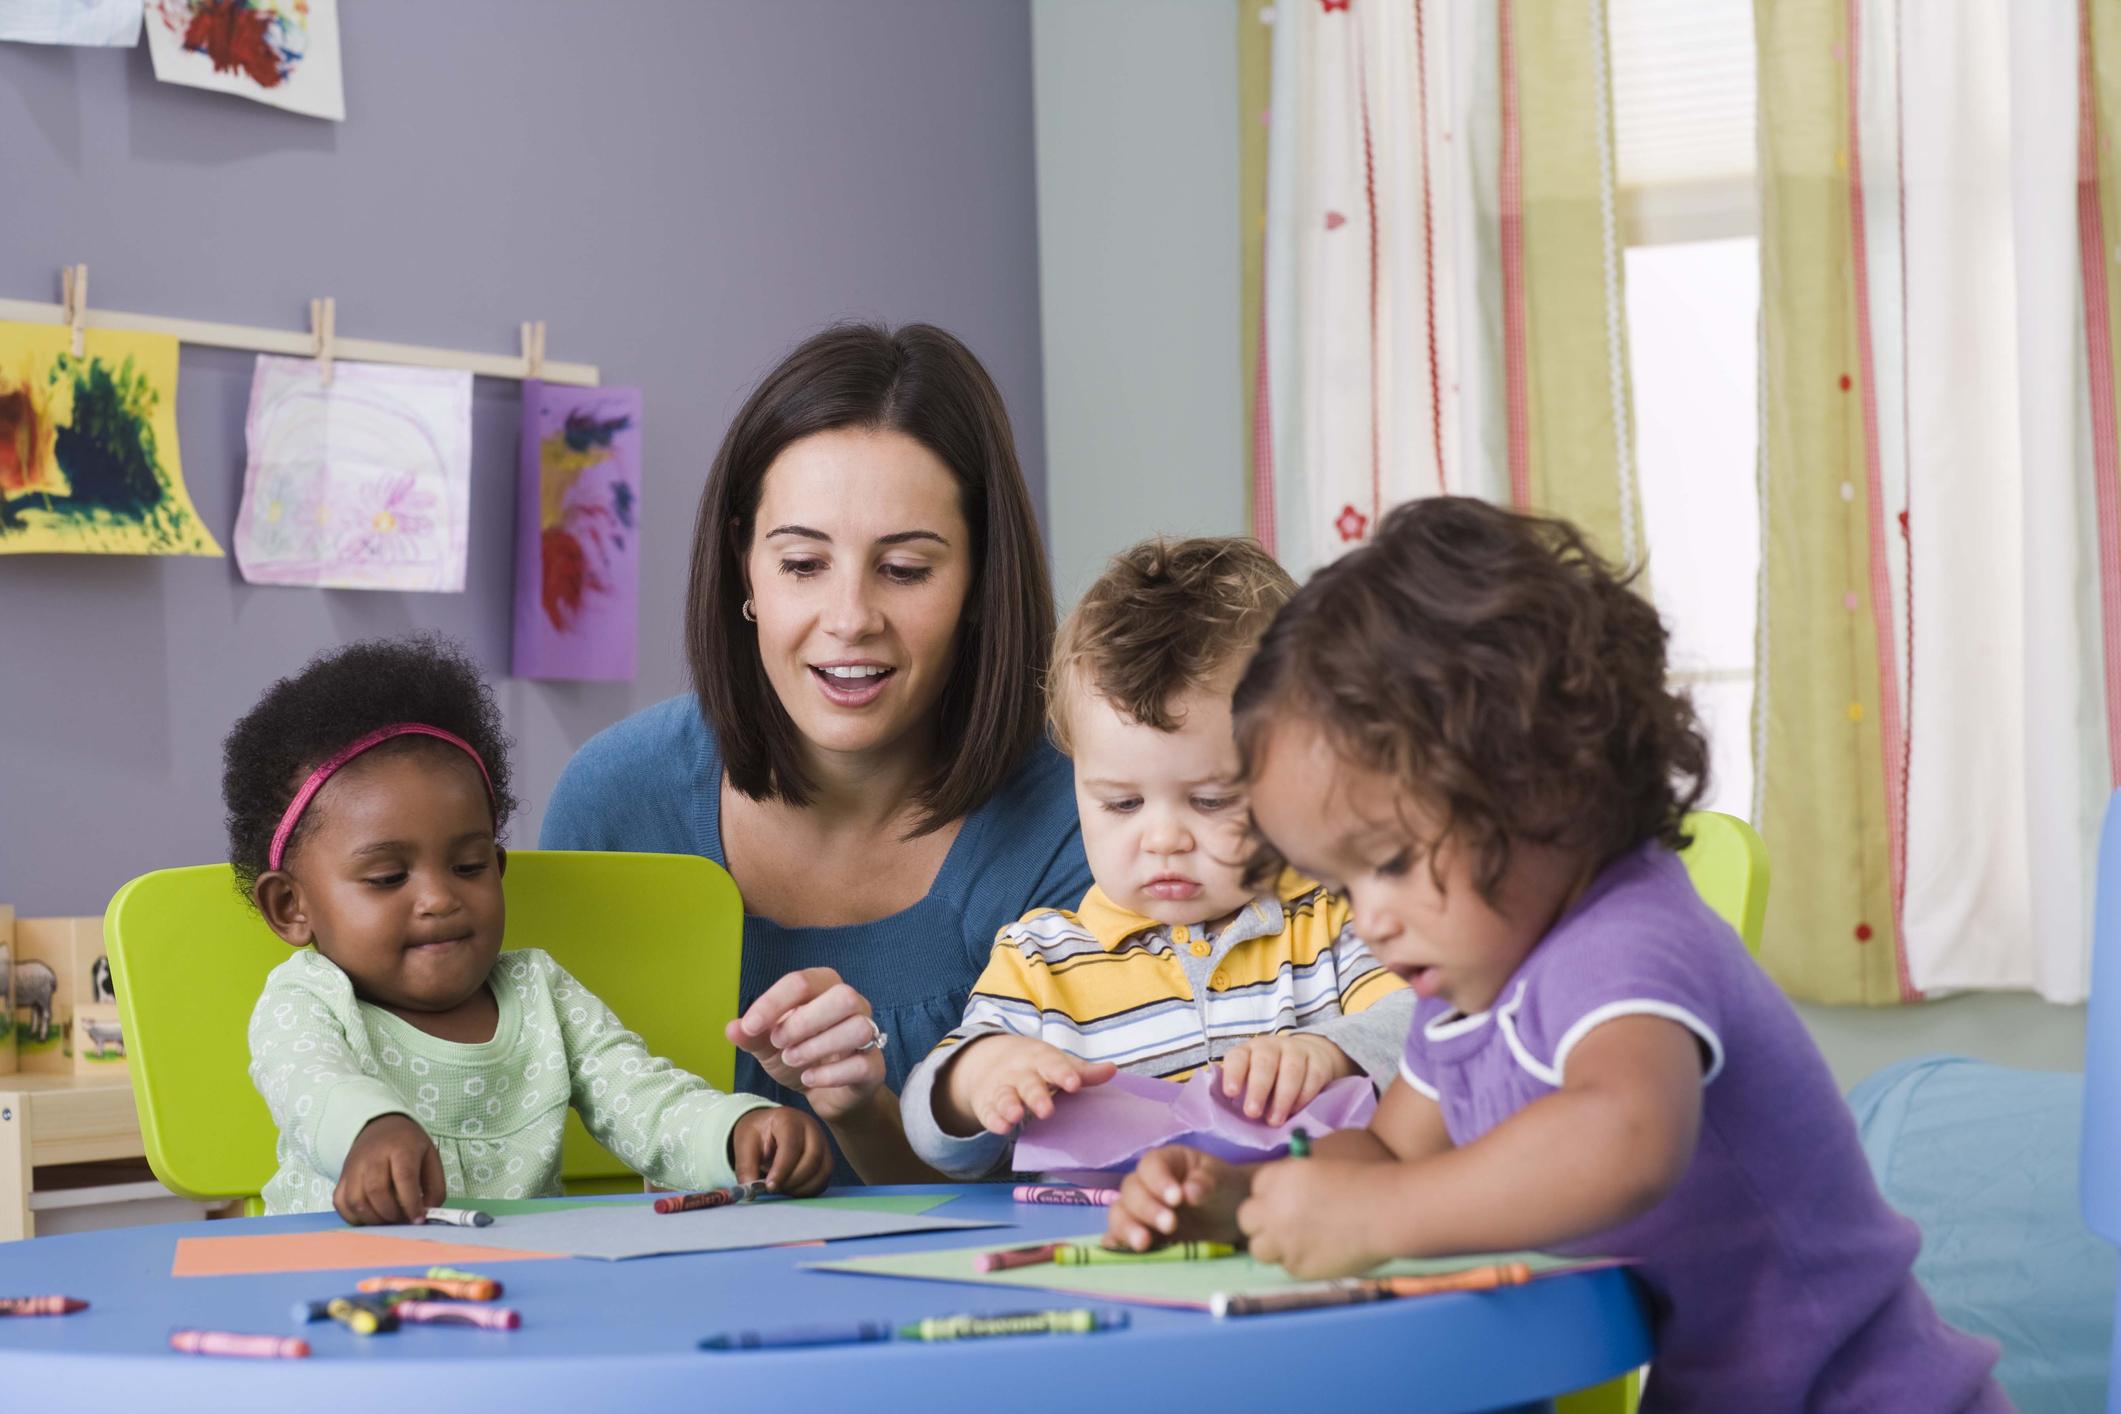 LagoMio - Kinderbetreuung am See - Pädagogik Baby